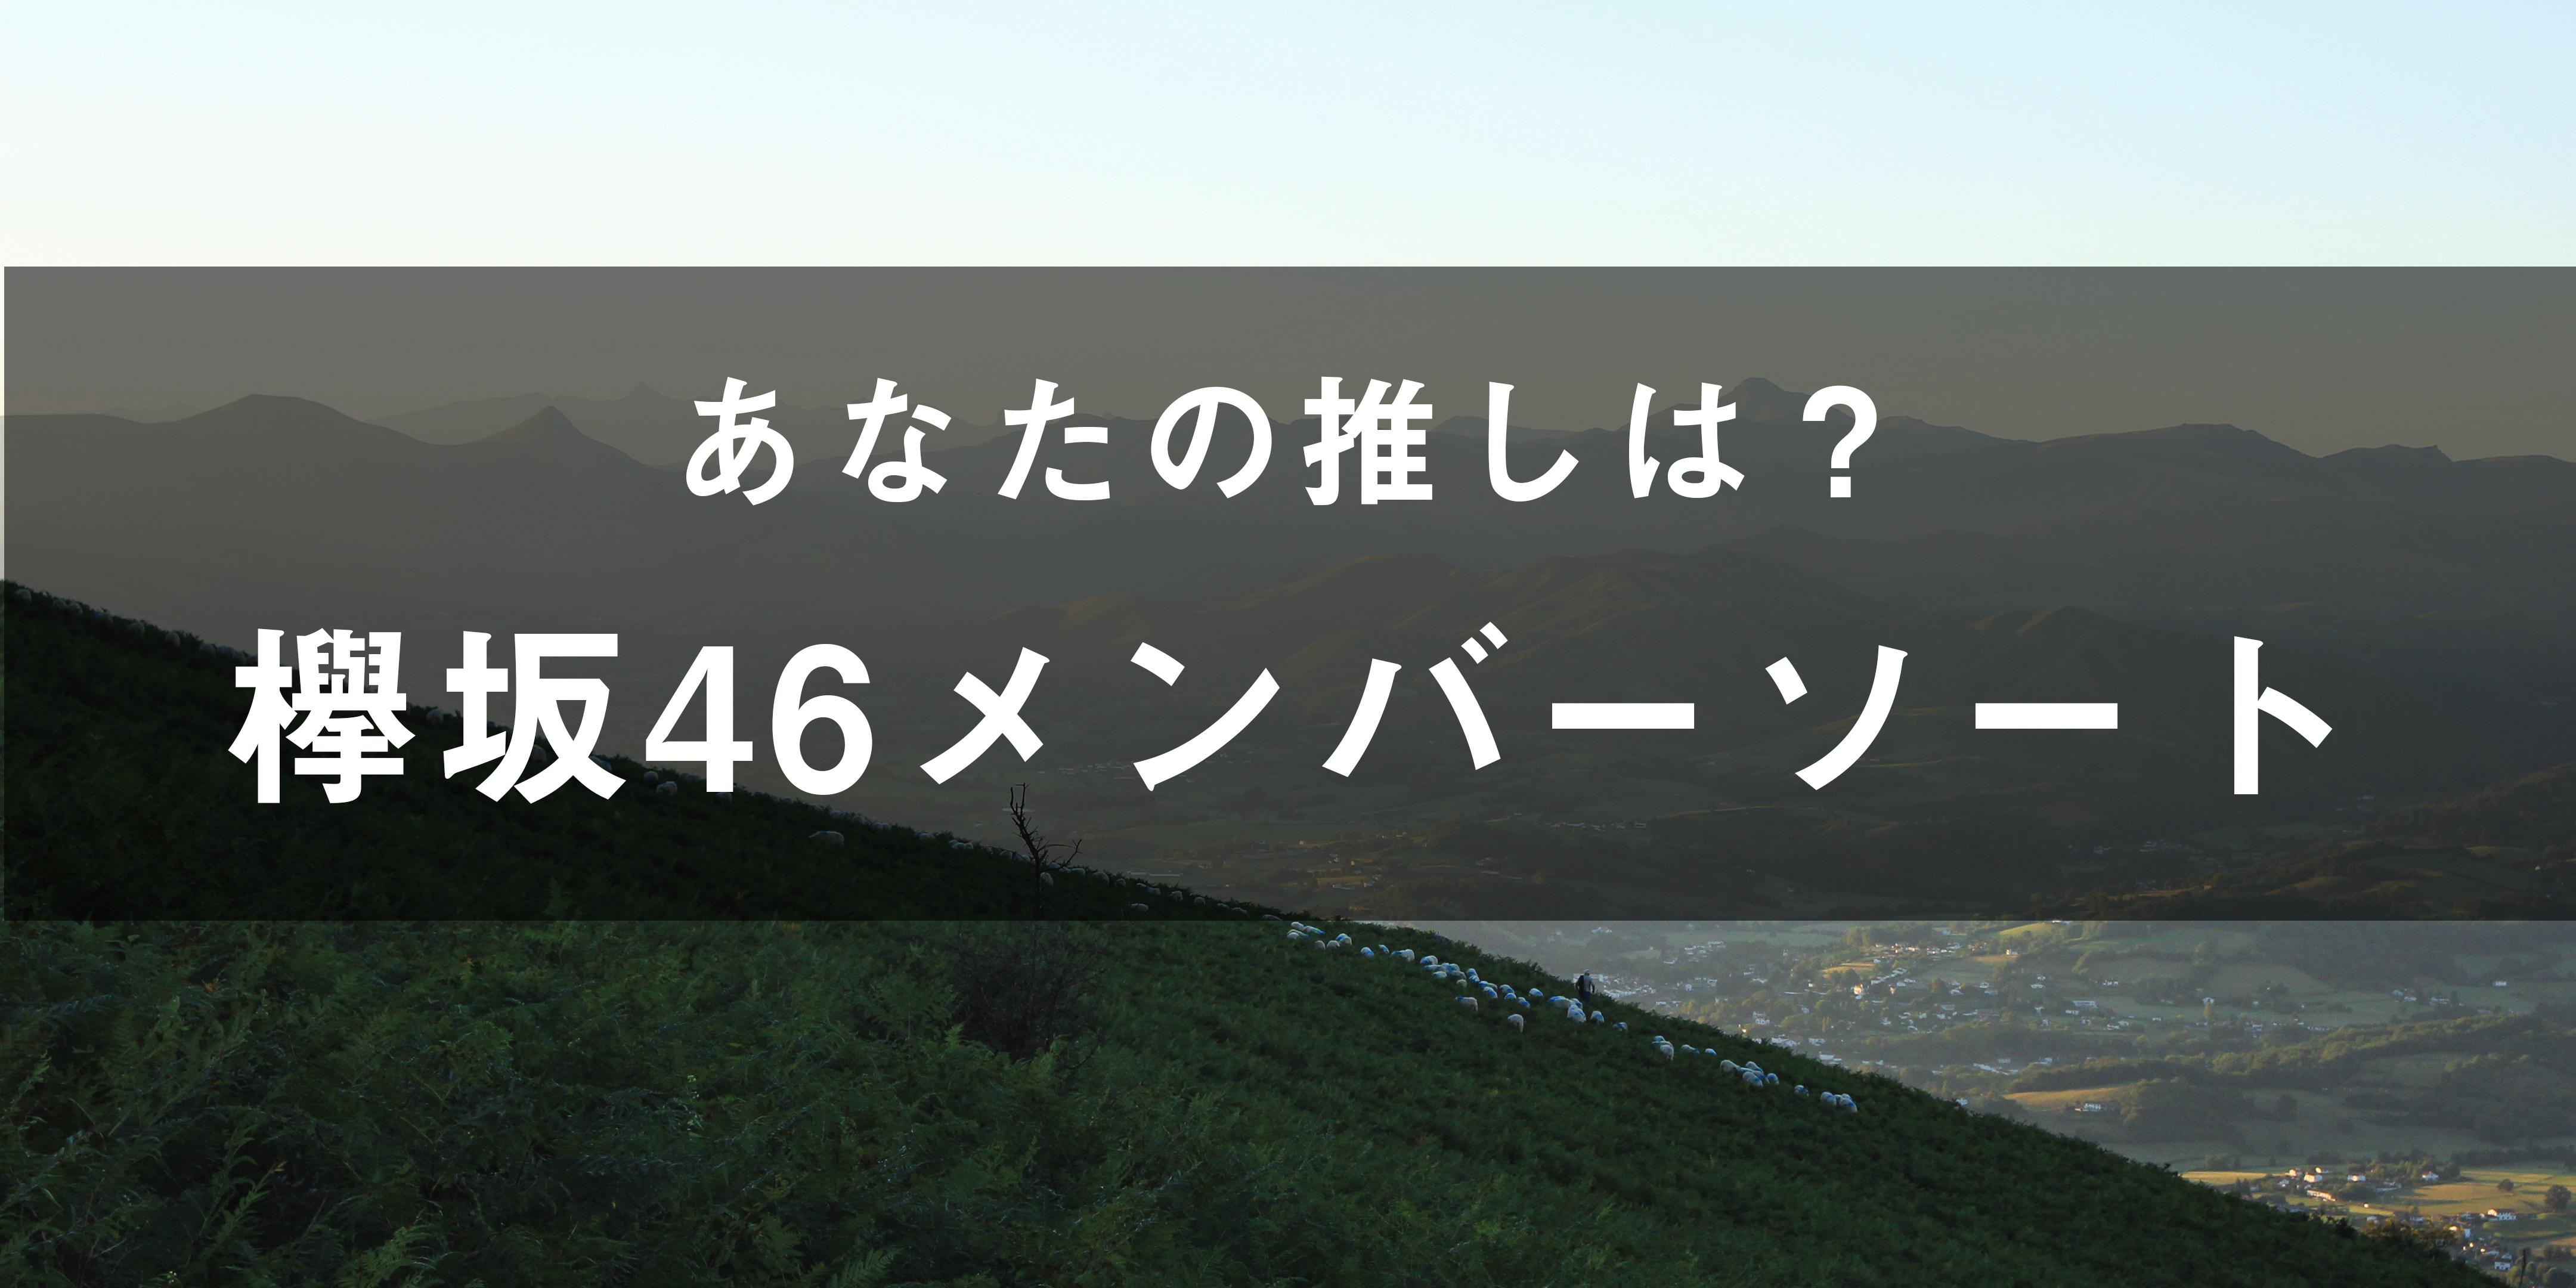 欅坂46のメンバーソート画像付き